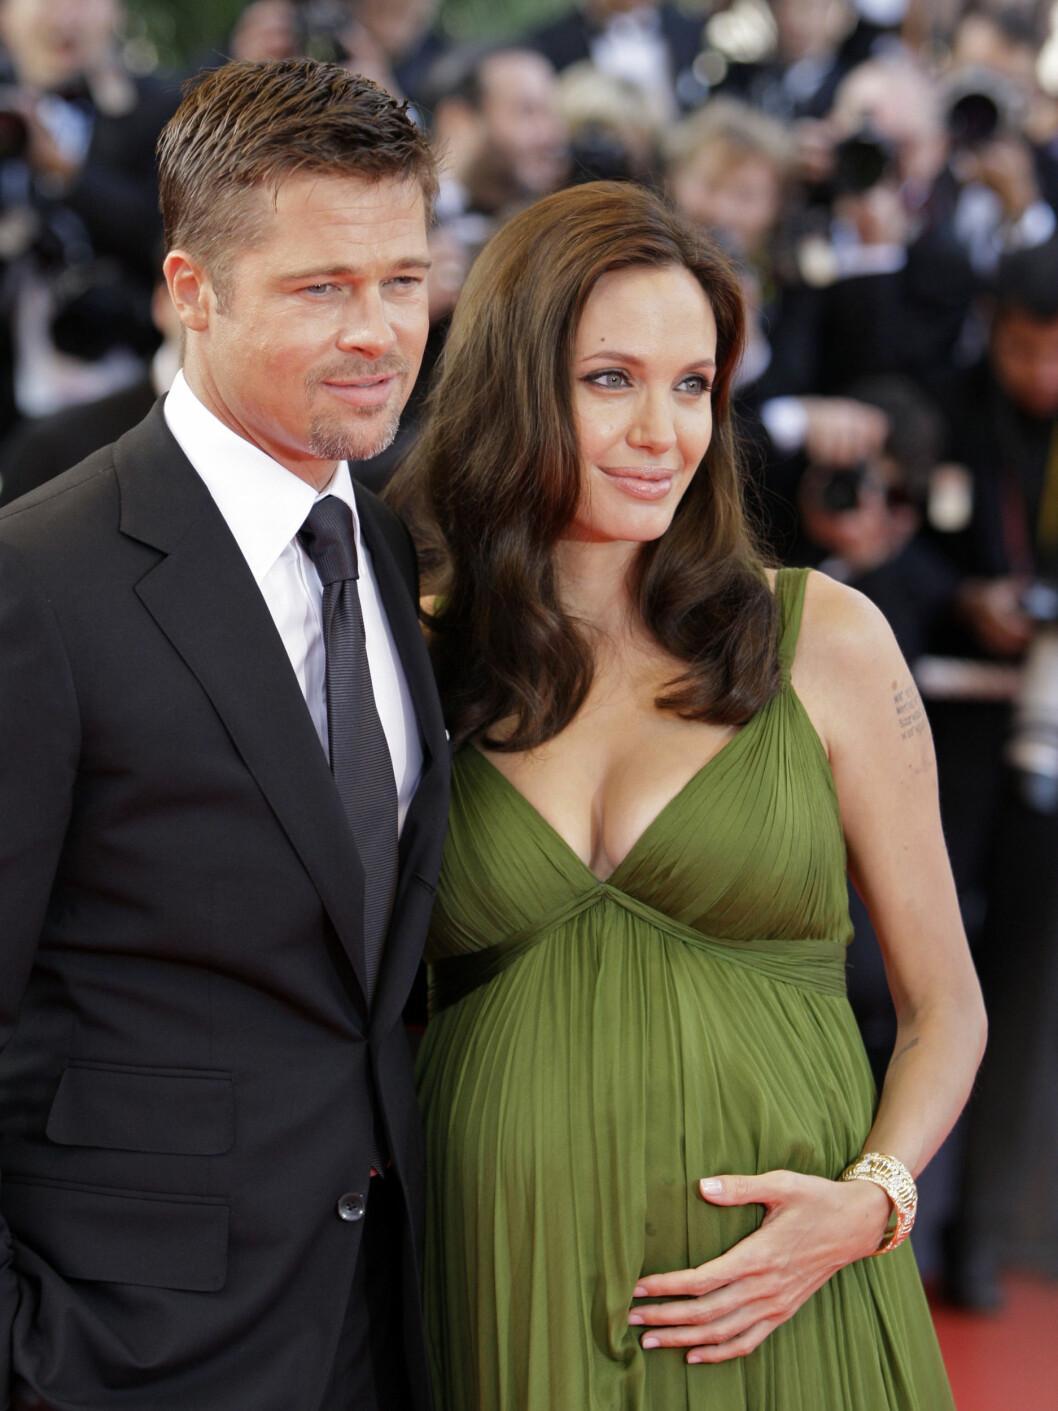 <strong>ERSTATTET:</strong> Jolie, som nylig fikk tvillinger med Brad Pitt, har dekket over tatoveringen med koordinatene til der barna hennes ble født. Foto: AP